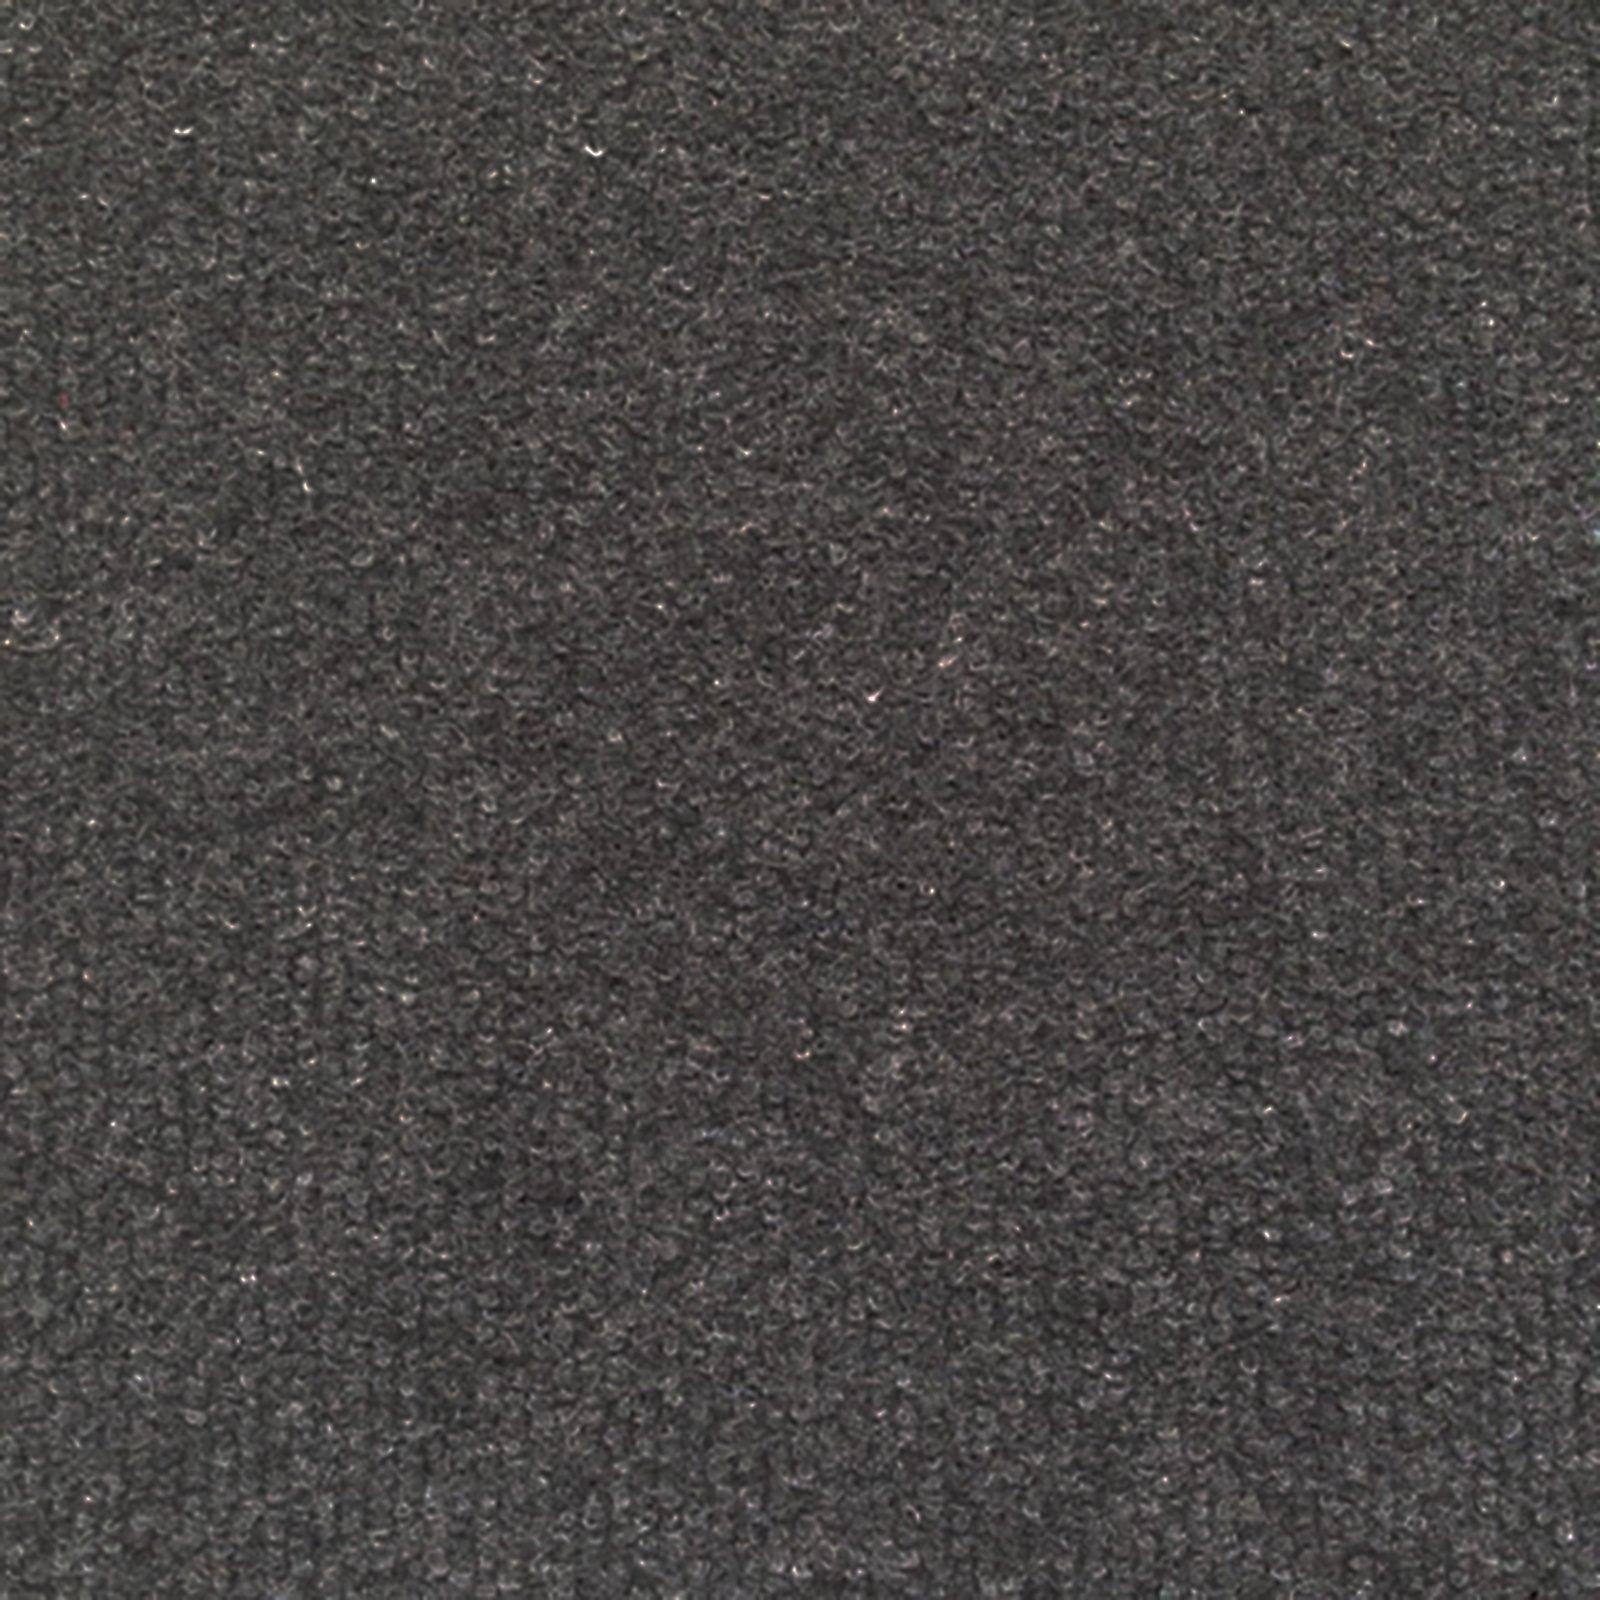 Teppichboden STAR  anthrazit  4 Meter breit  Teppichboden  Bodenbelge  Renovieren  ROLLER